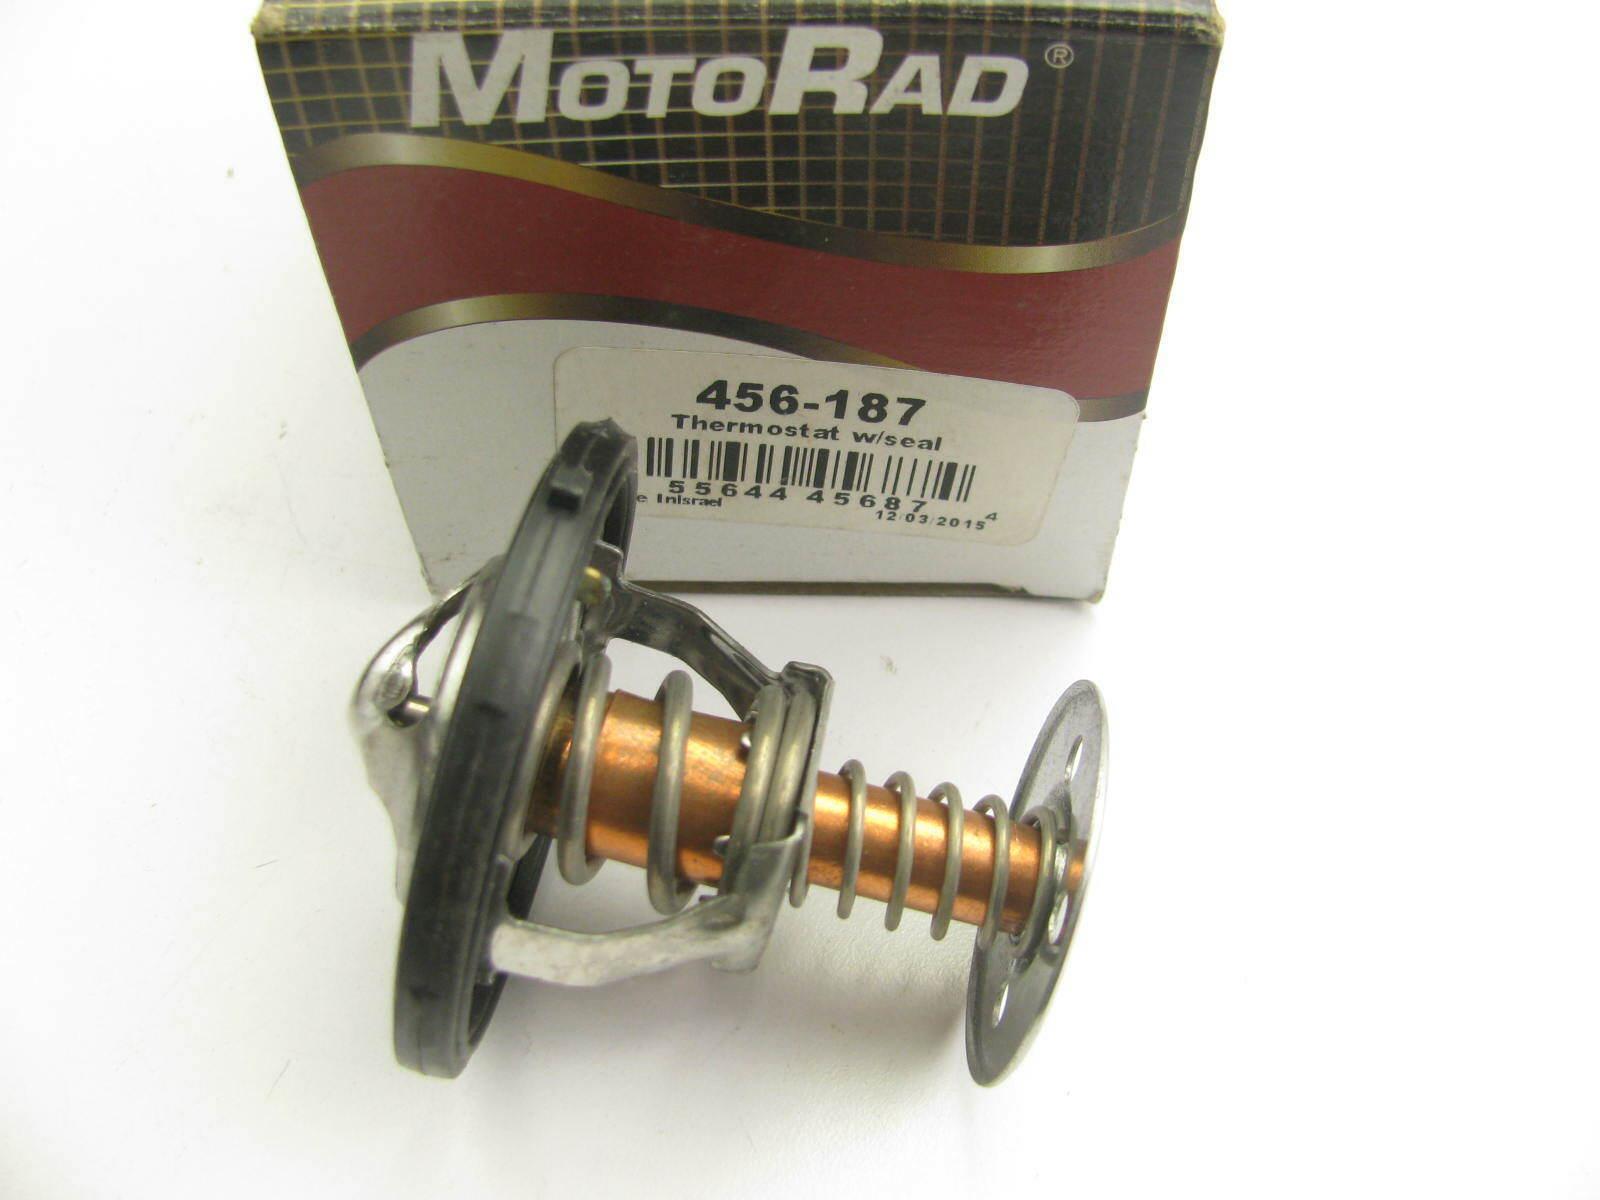 Motorad Premium 456-187 Thermostat Manufacturer/'s Limited Warranty